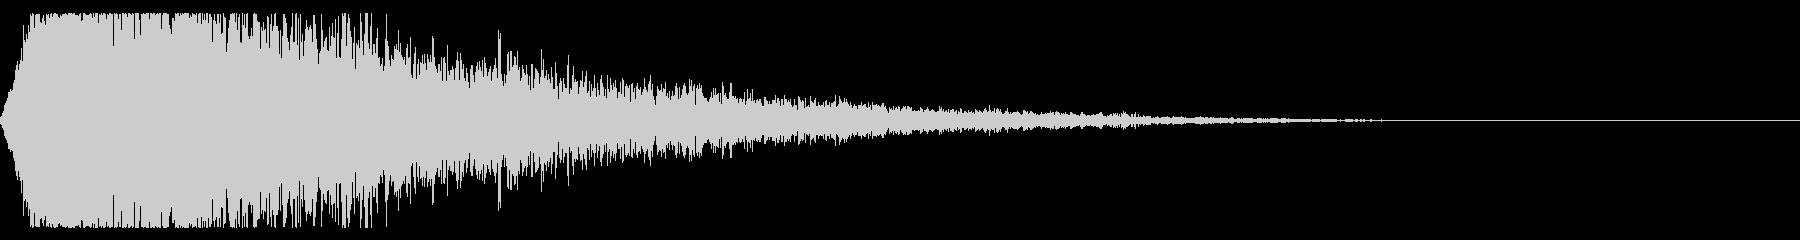 インパクトのある風の音2の未再生の波形